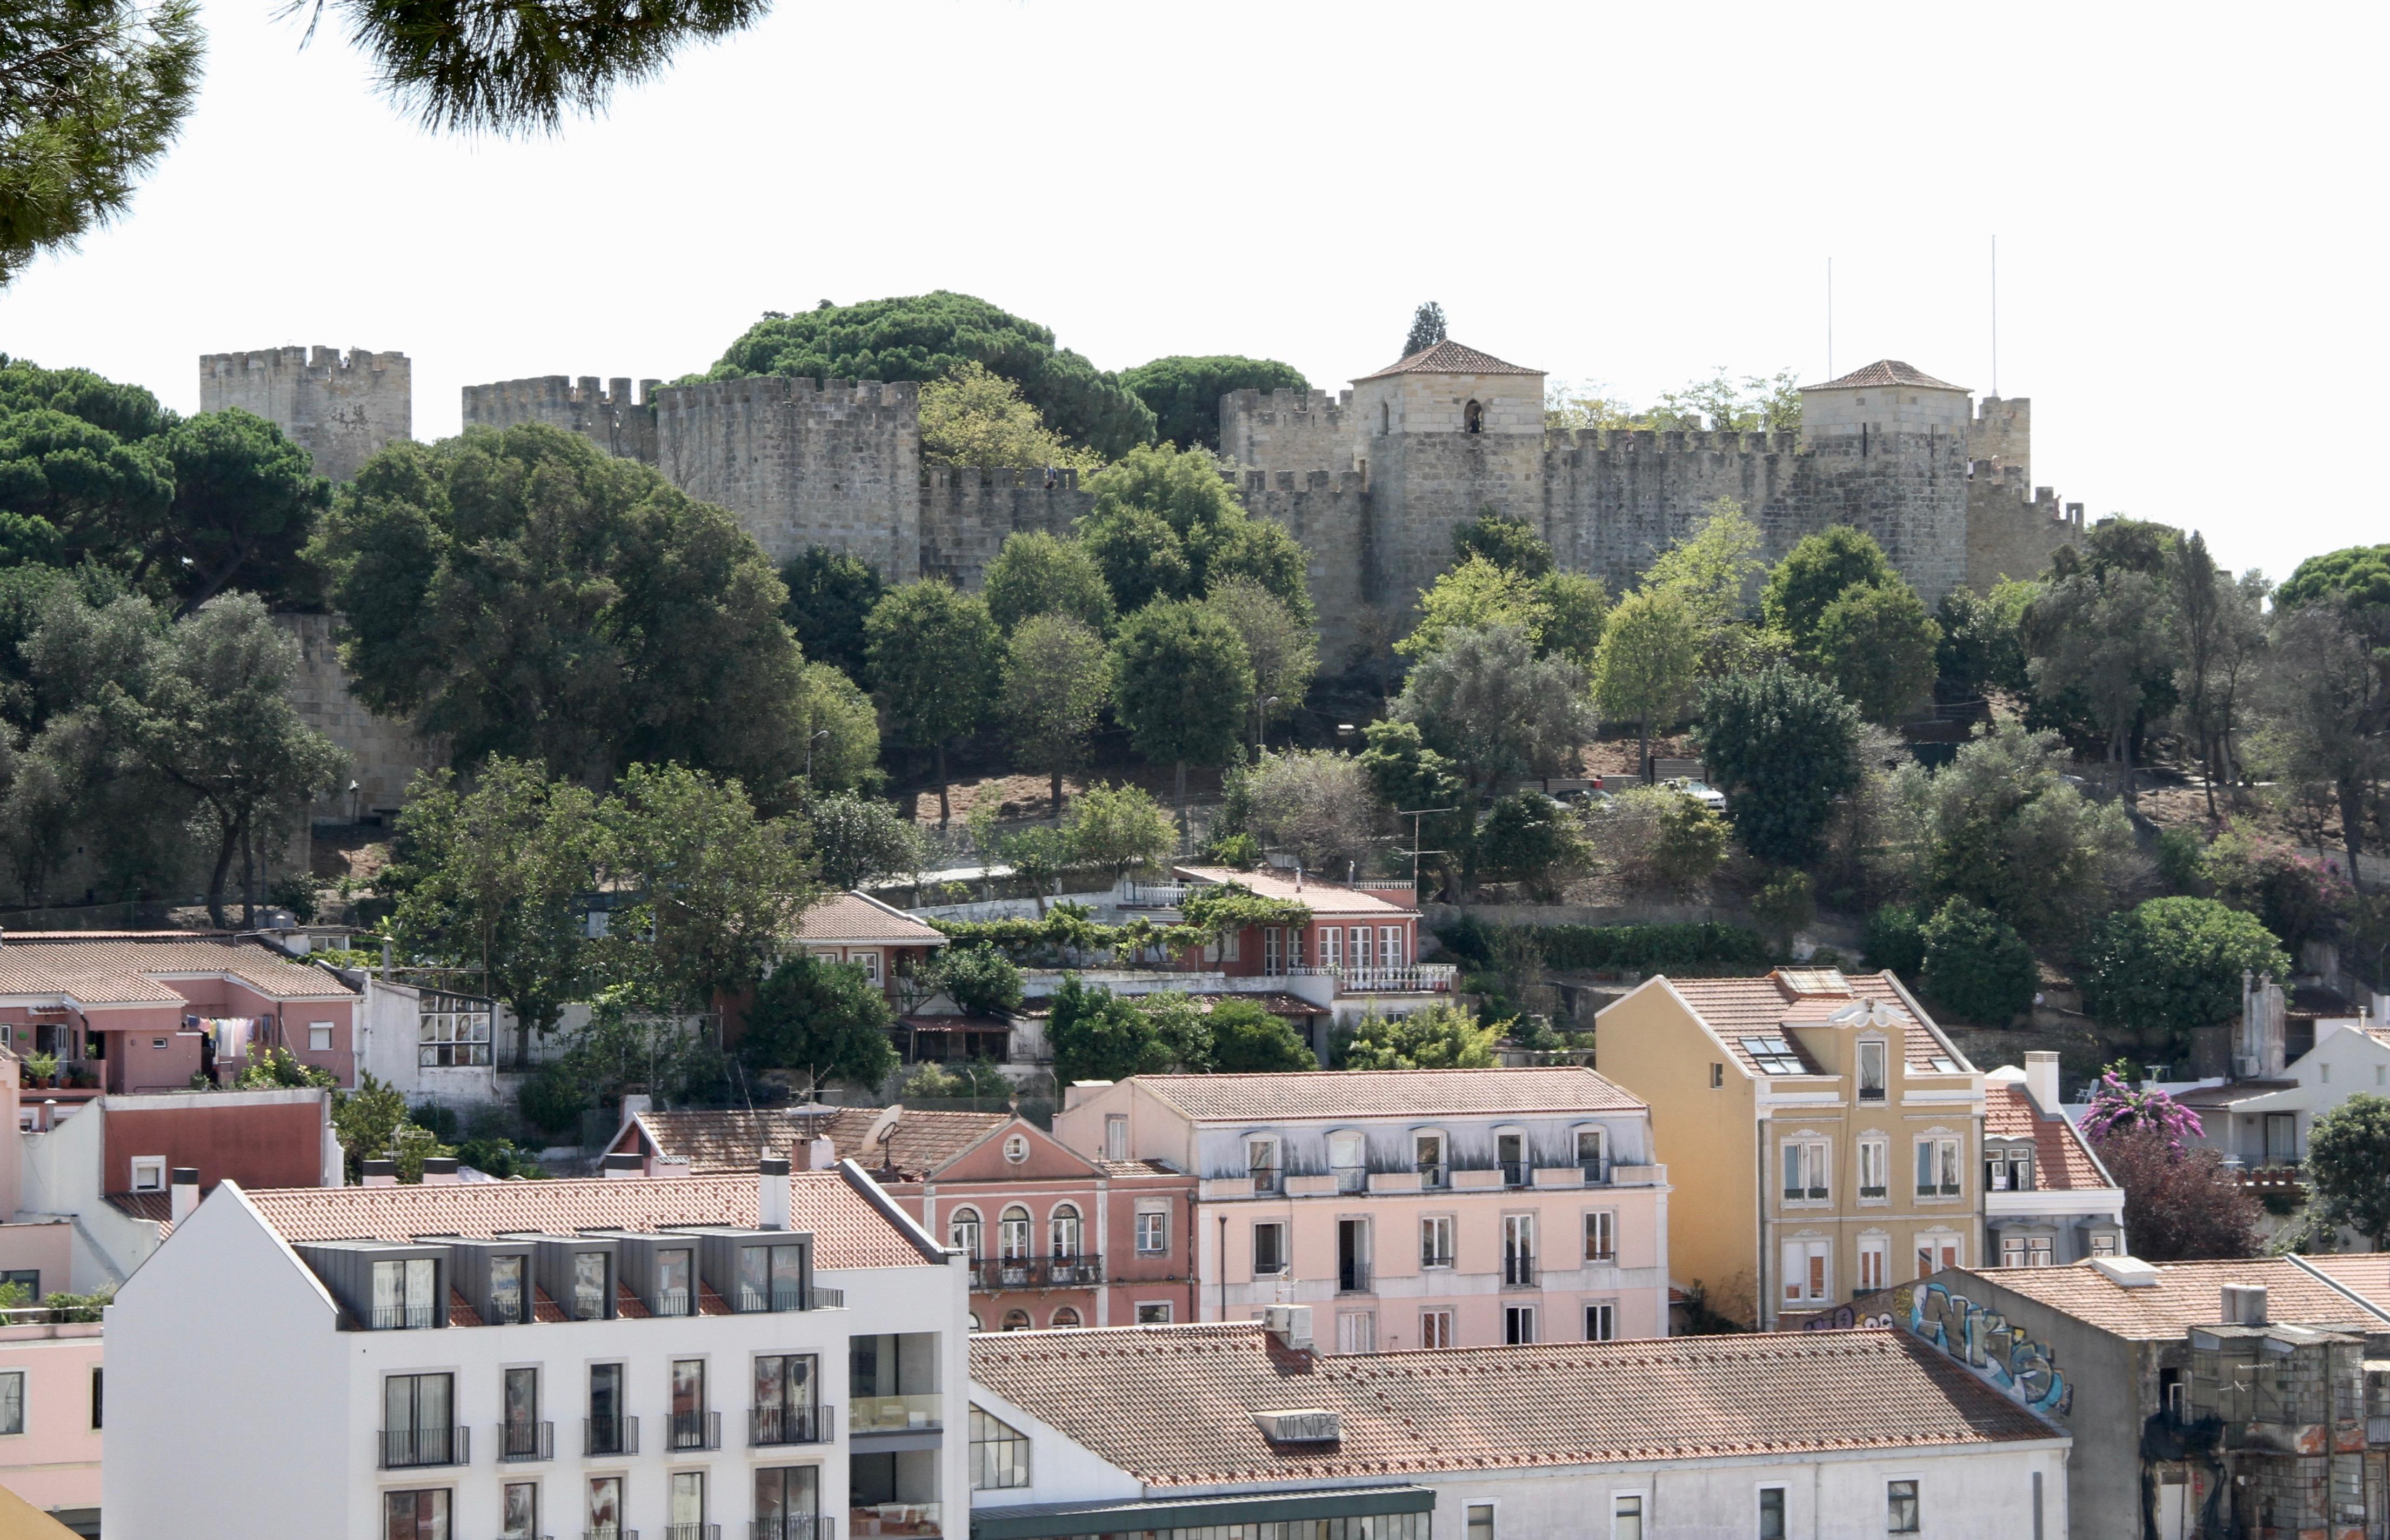 O Castelo de São Jorge que fica no topo de uma colina com vista para o centro de Lisboa, Portugal, no domingo, 15 de setembro de 2019.